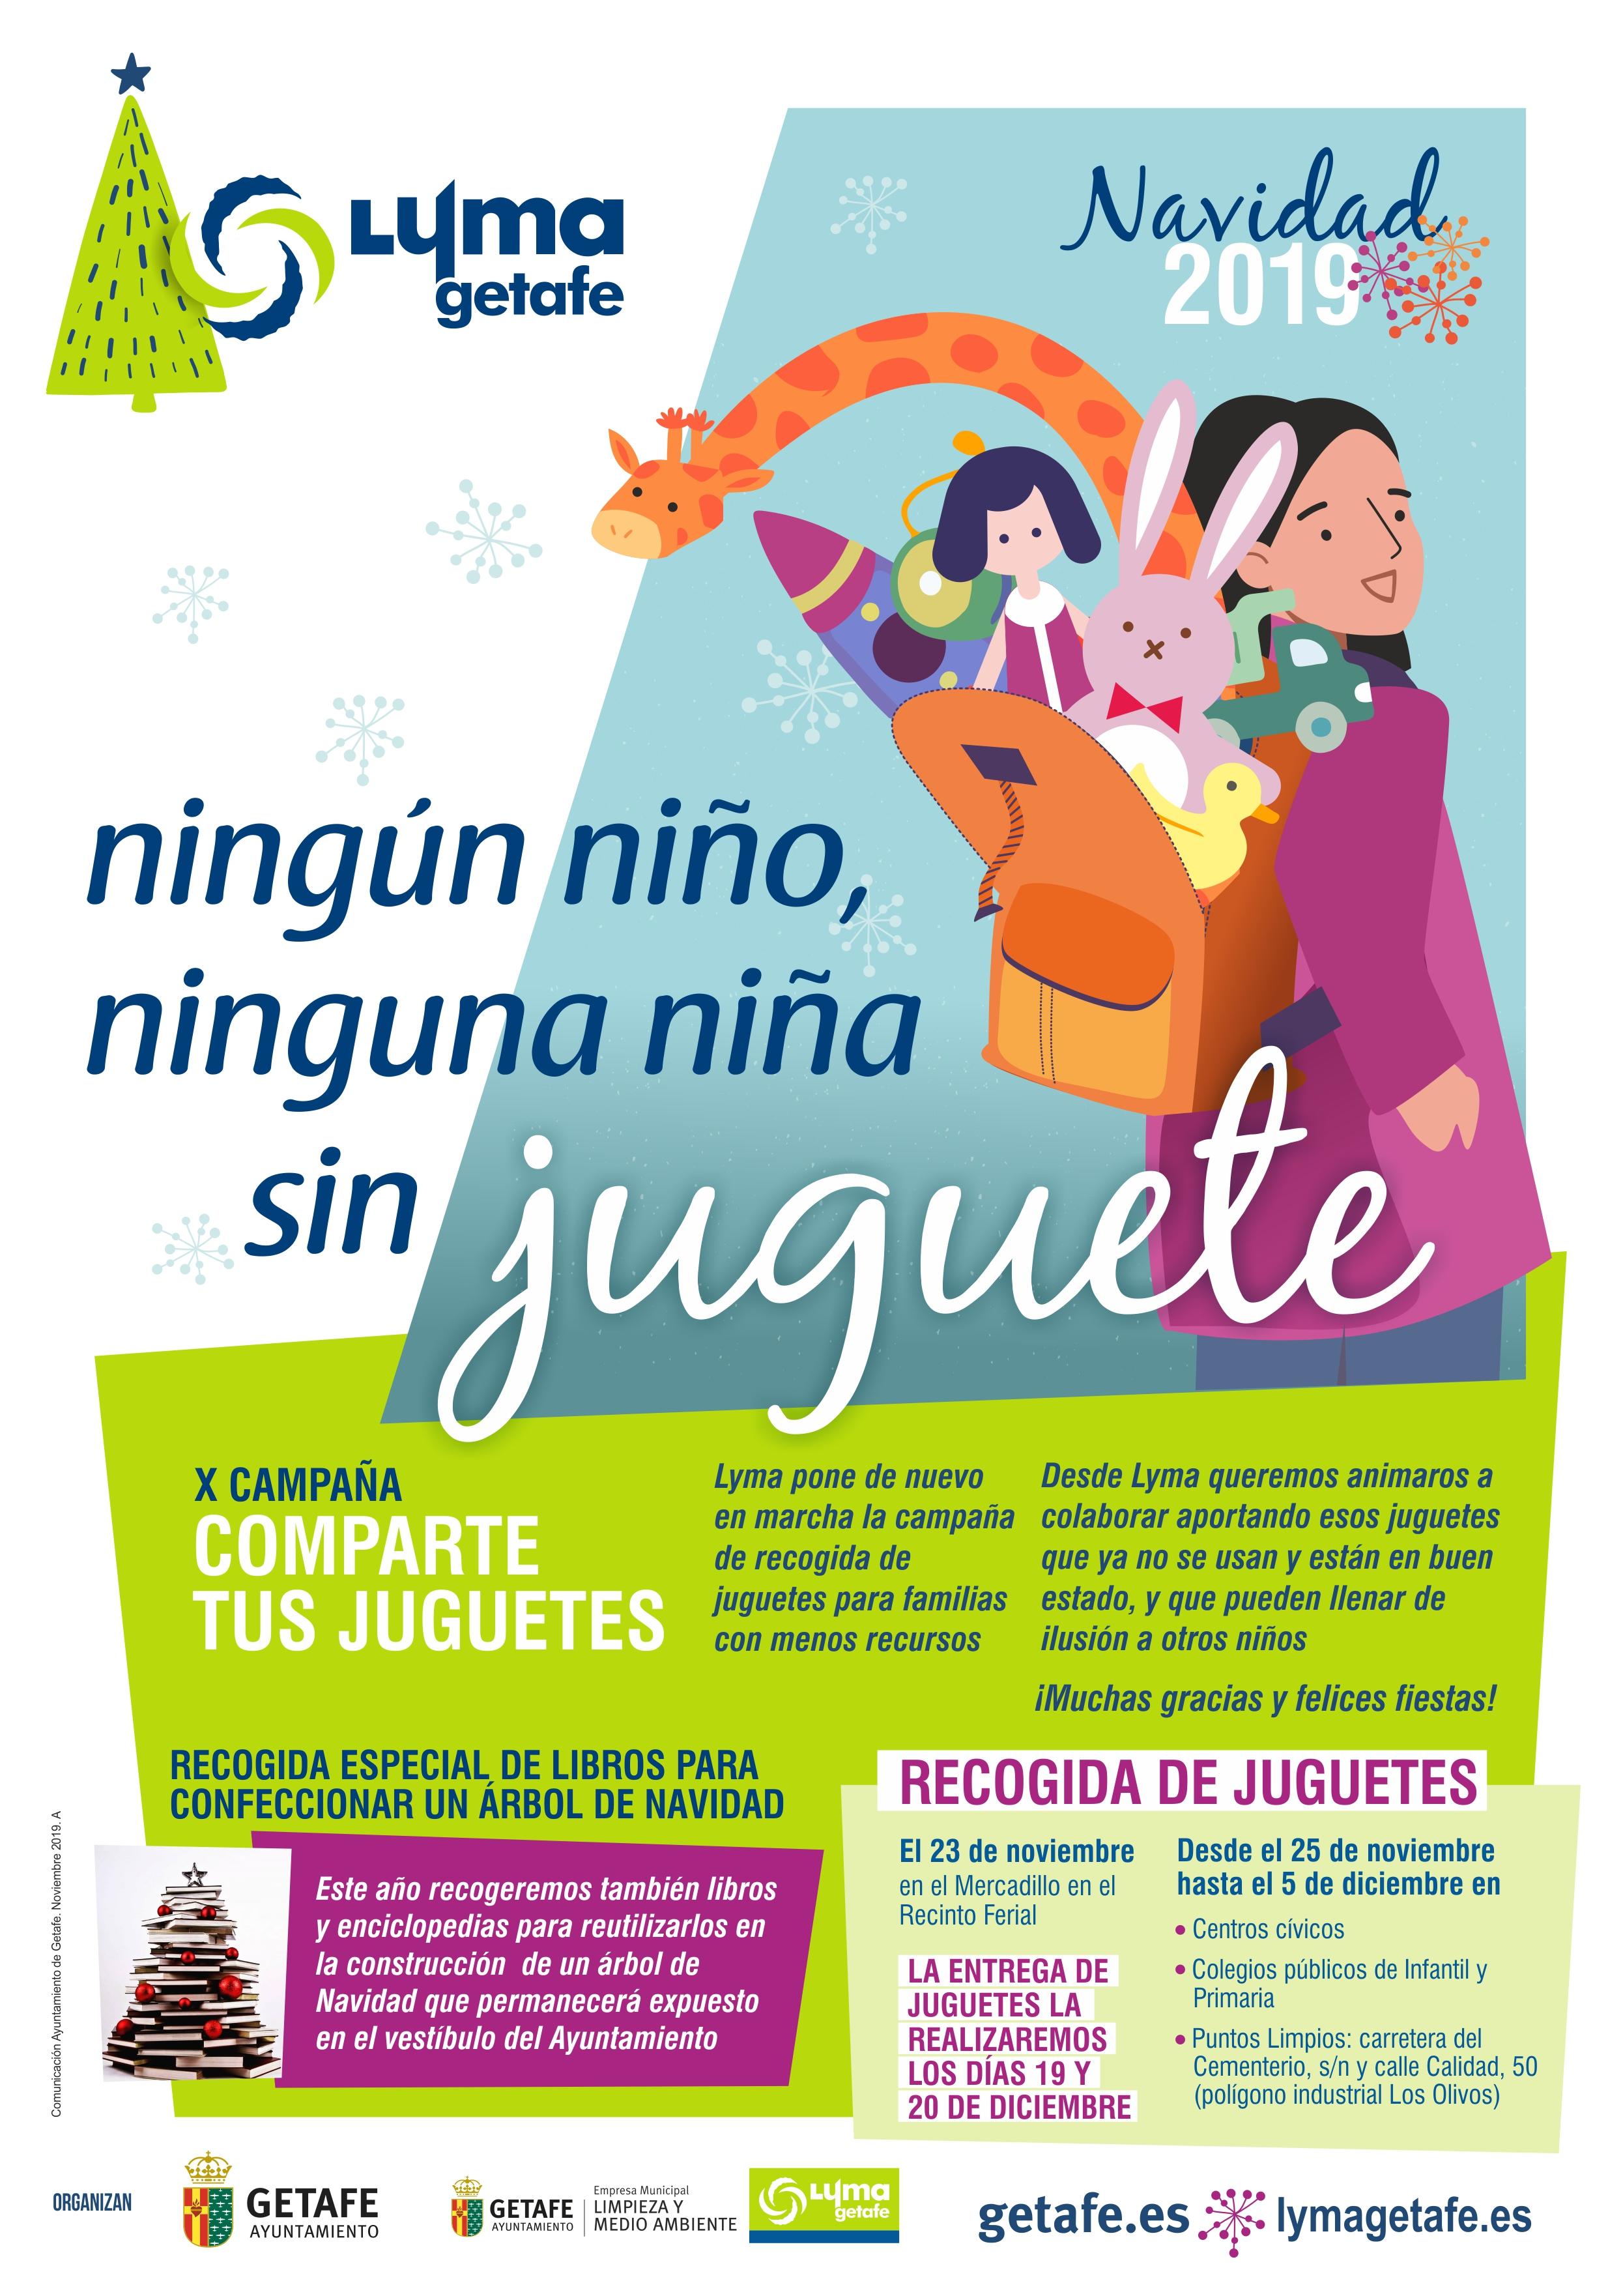 El ayuntamiento de getafe comienza mañana la campaña 'ningún niño, ninguna niña sin juguete'